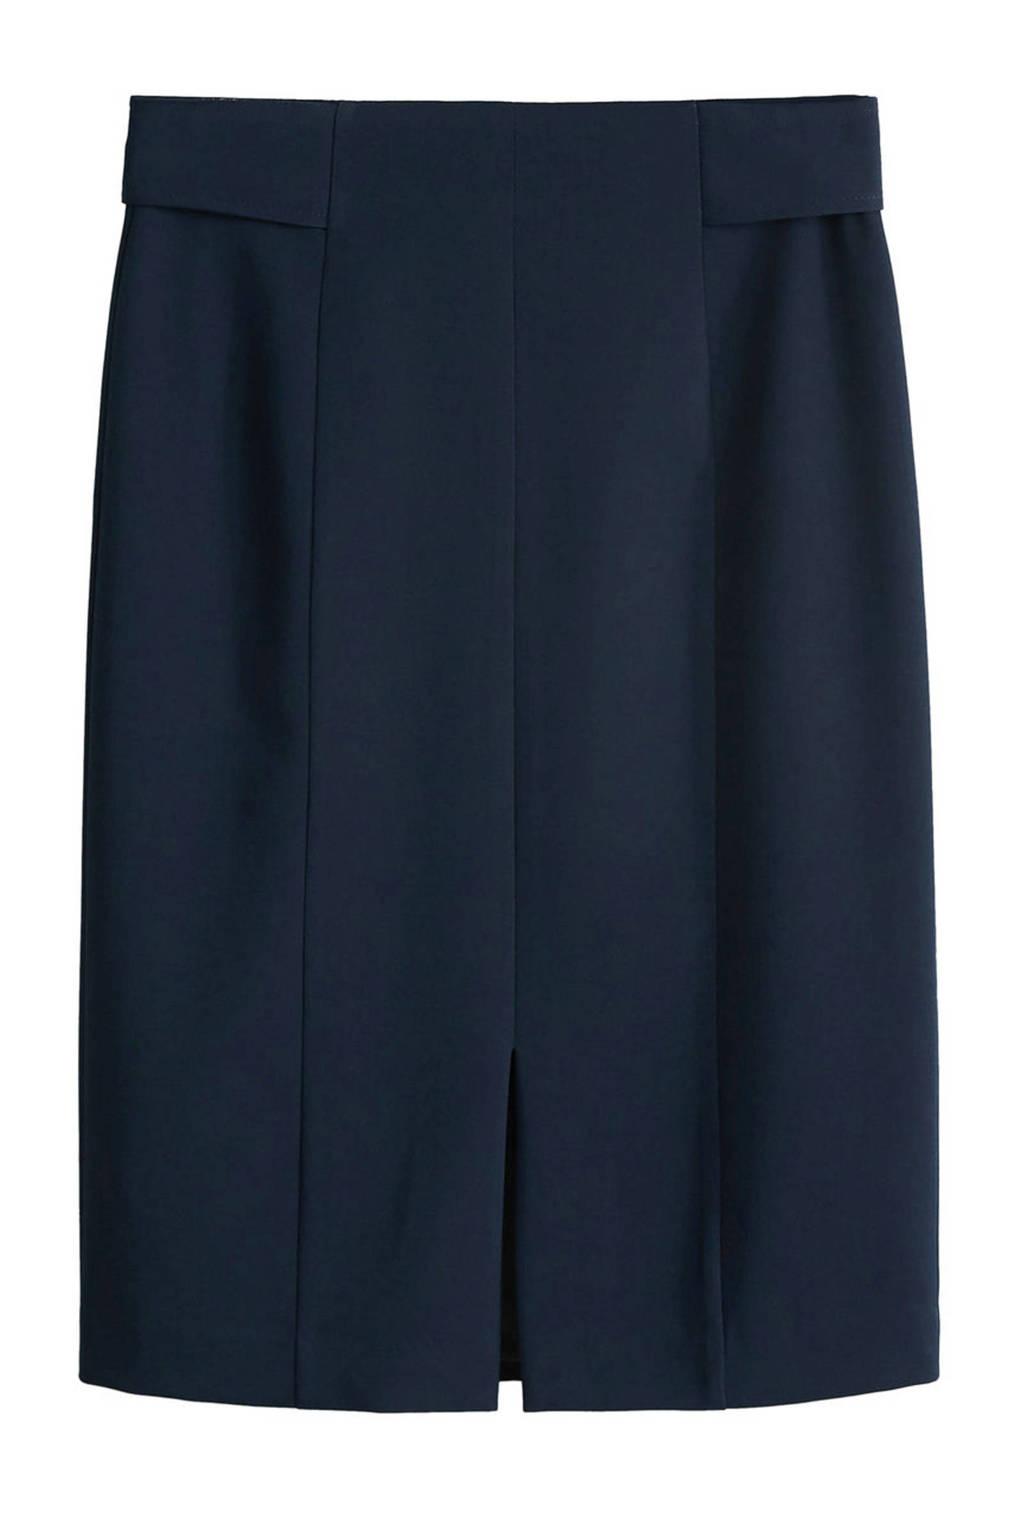 Mango rok donkerblauw, Marineblauw